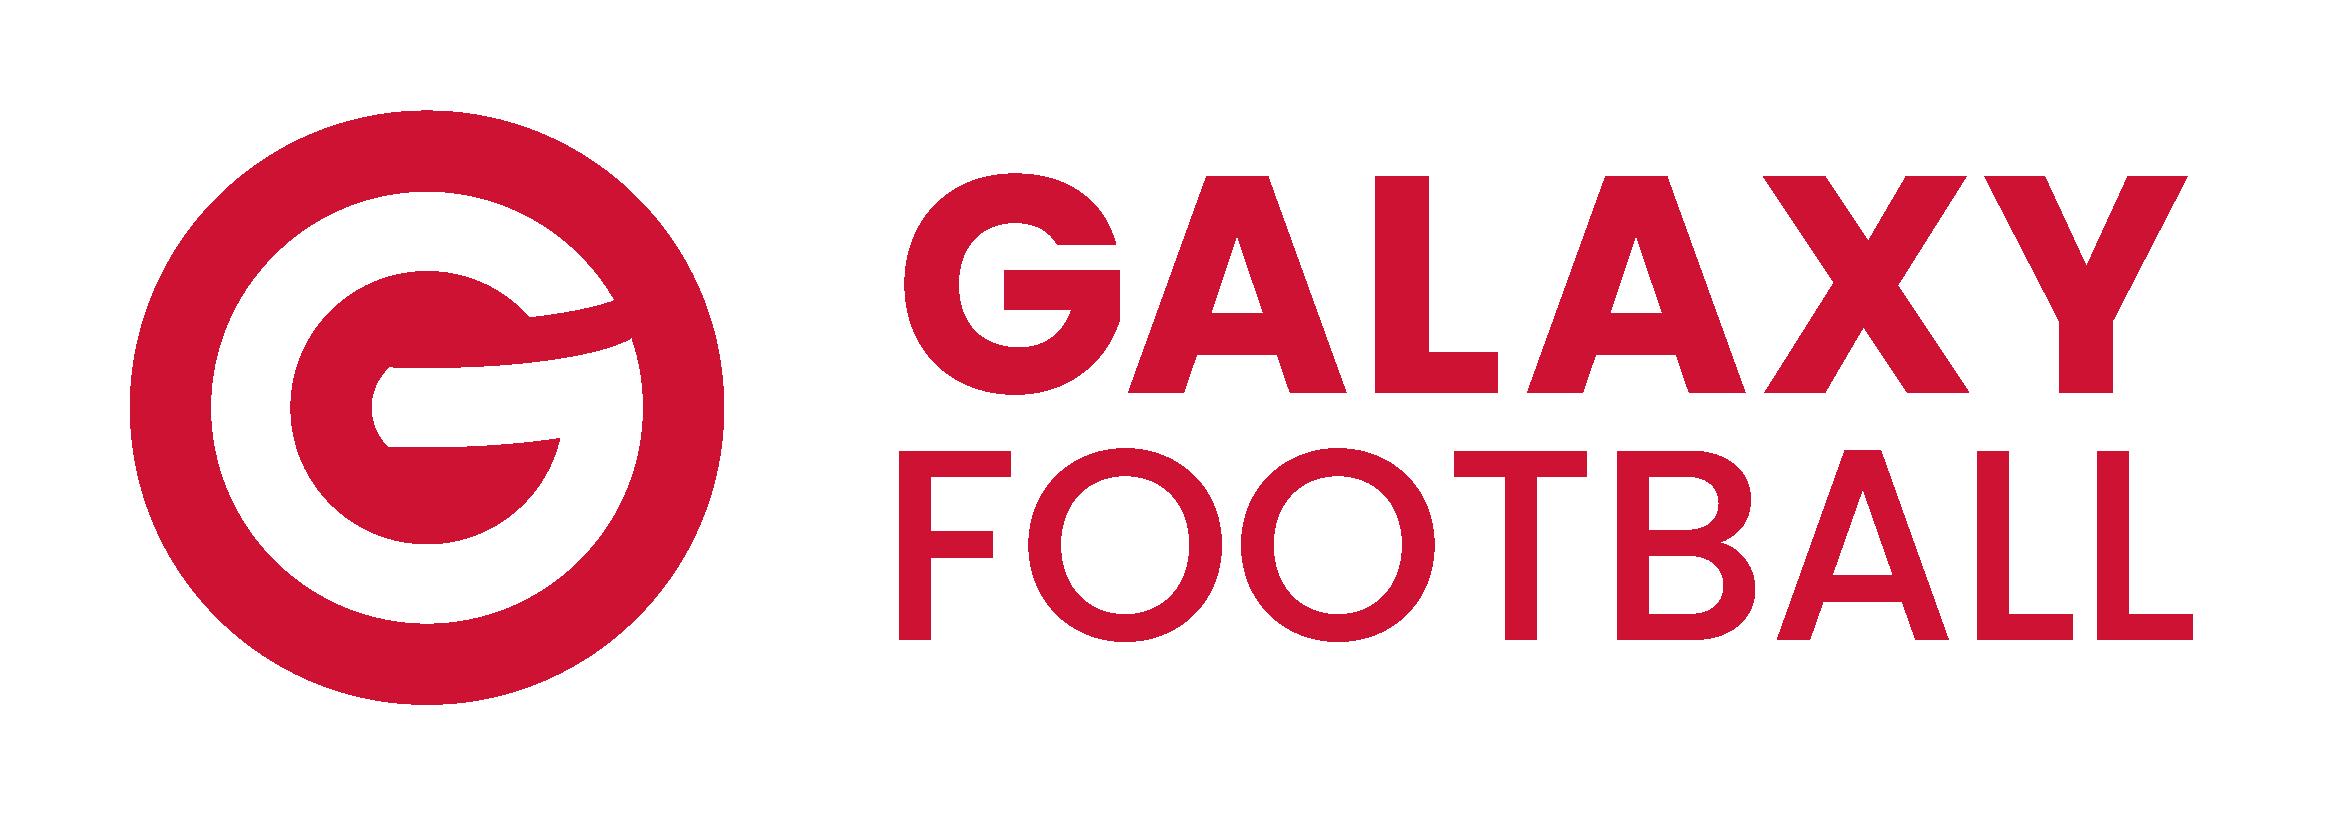 galaxyfootball-03.png